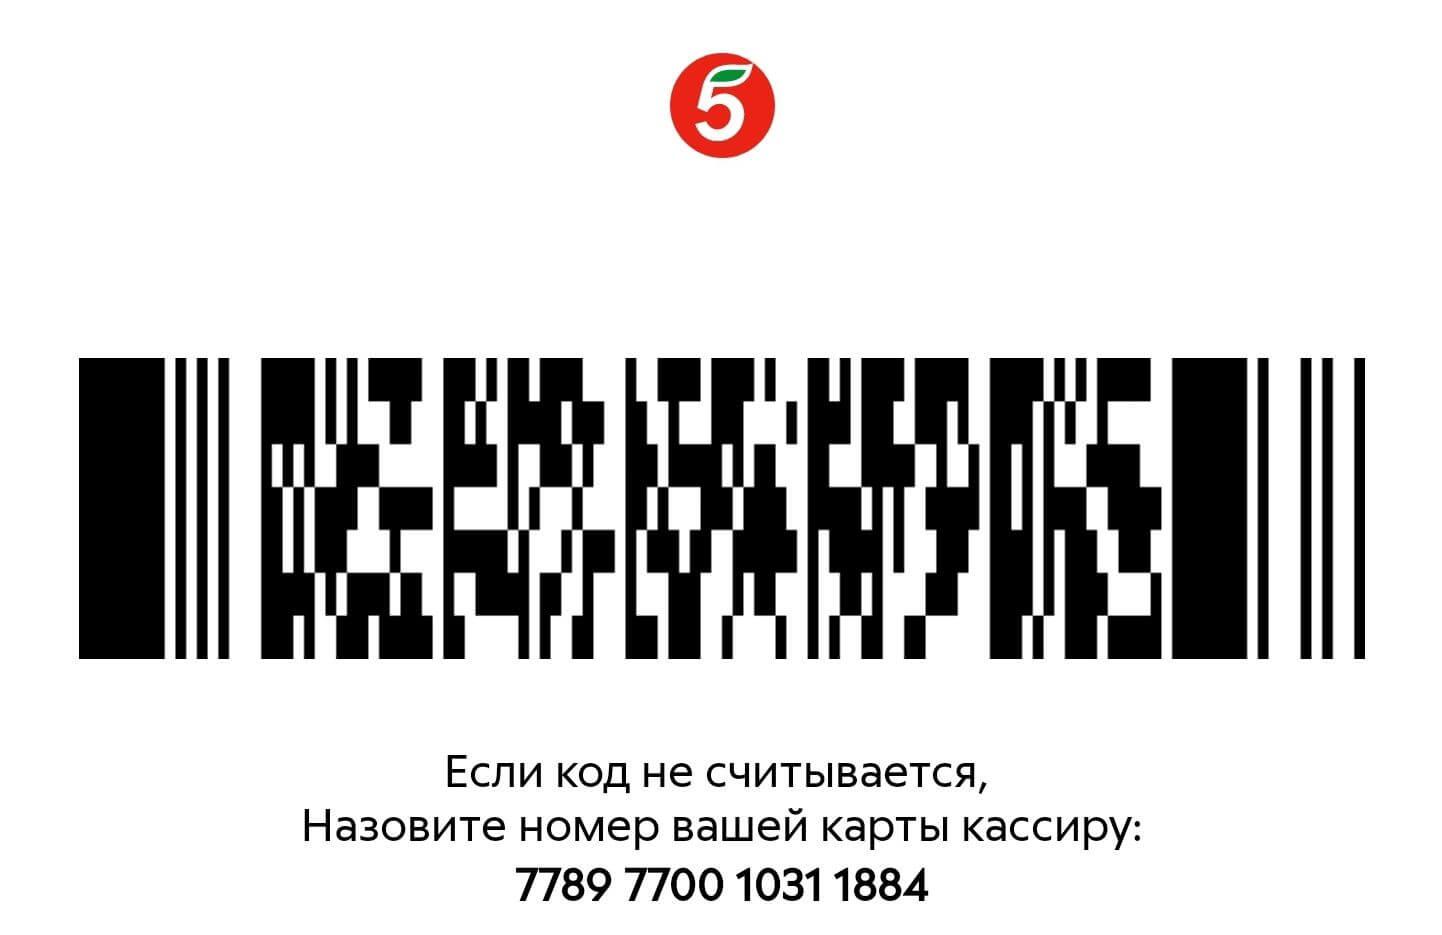 Штрих код Выручай карты Пятерочка: фото.